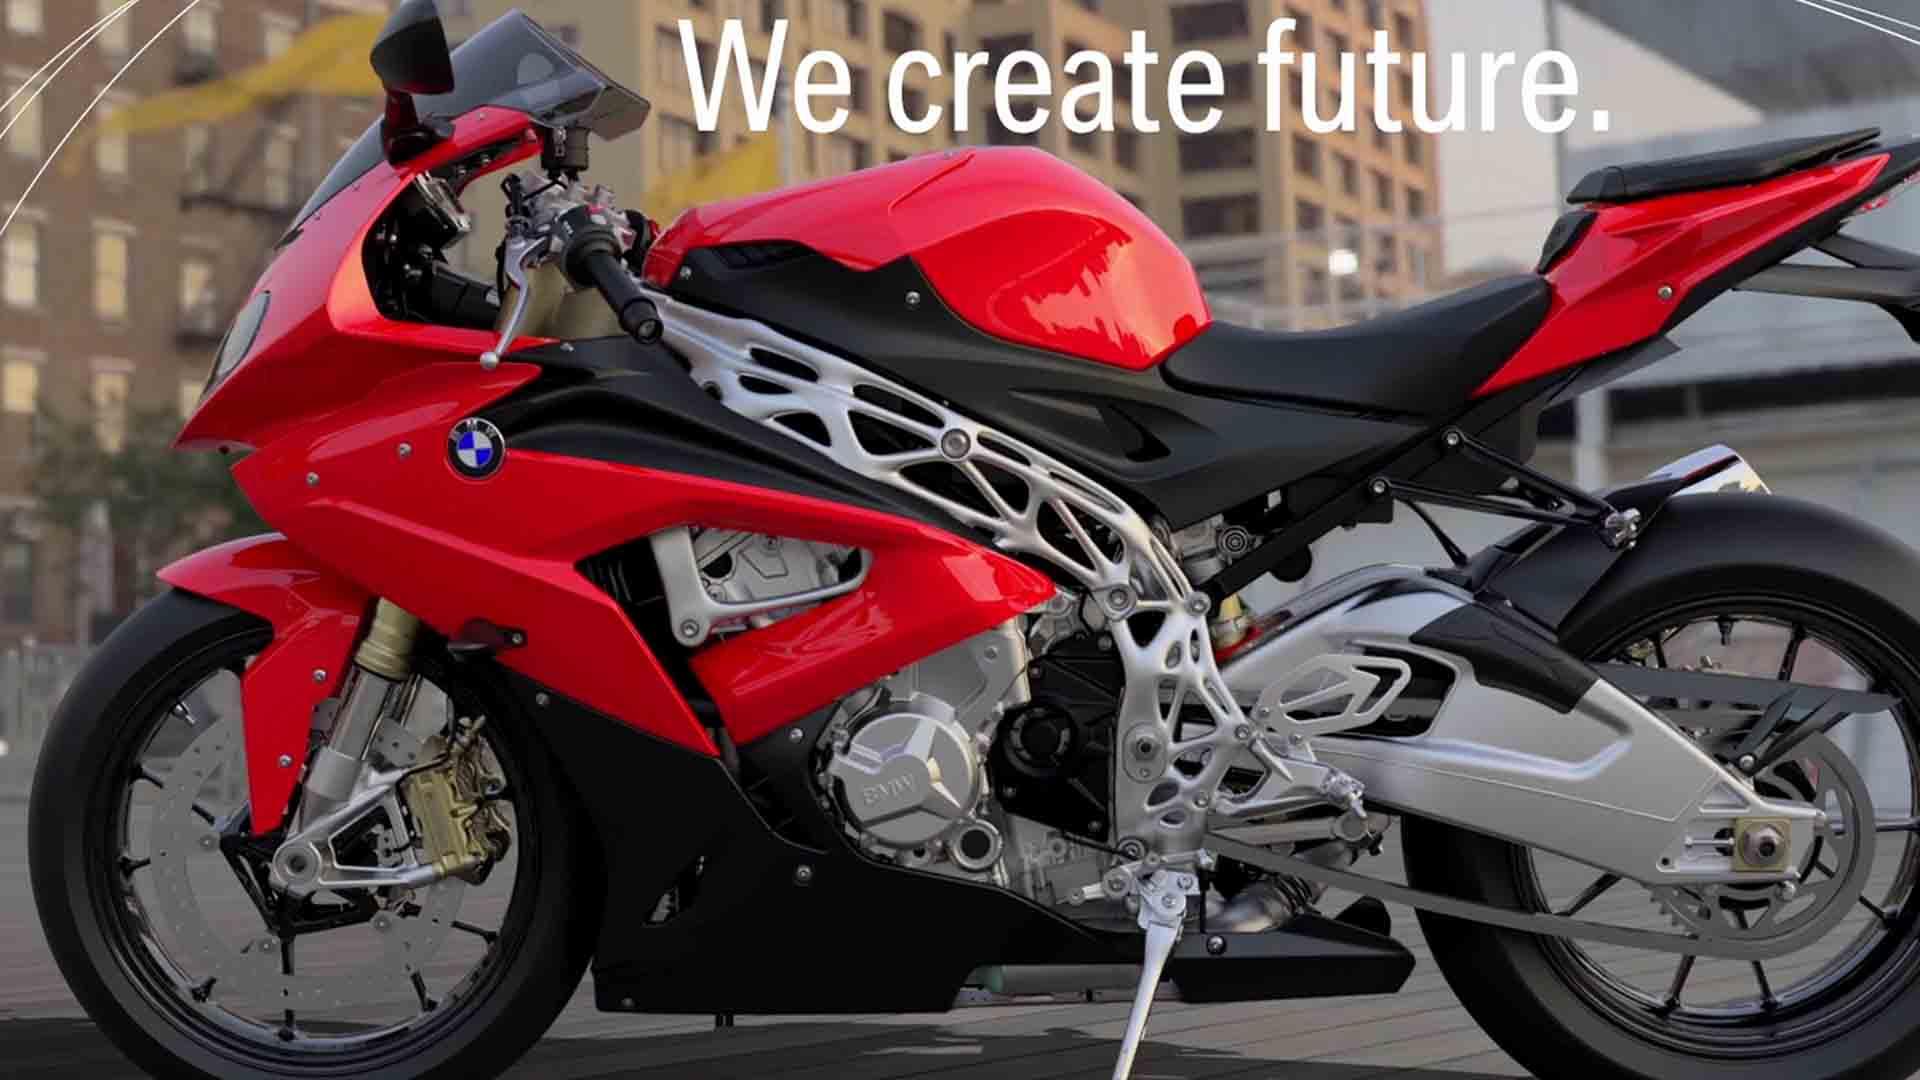 """Das Bild zeigt ein Motorrad der Farbe rot. Über dem Motorrad ist ein animierter Text zu sehen. Er sagt """"We create future."""" Das Motorrad wird von der Seite gezeigt. Das Bild dient als Making Of Bild für den Portfolioeintrag BMW Group – 3D Druck/Additive Manufacturing Campus von Panda Pictures."""